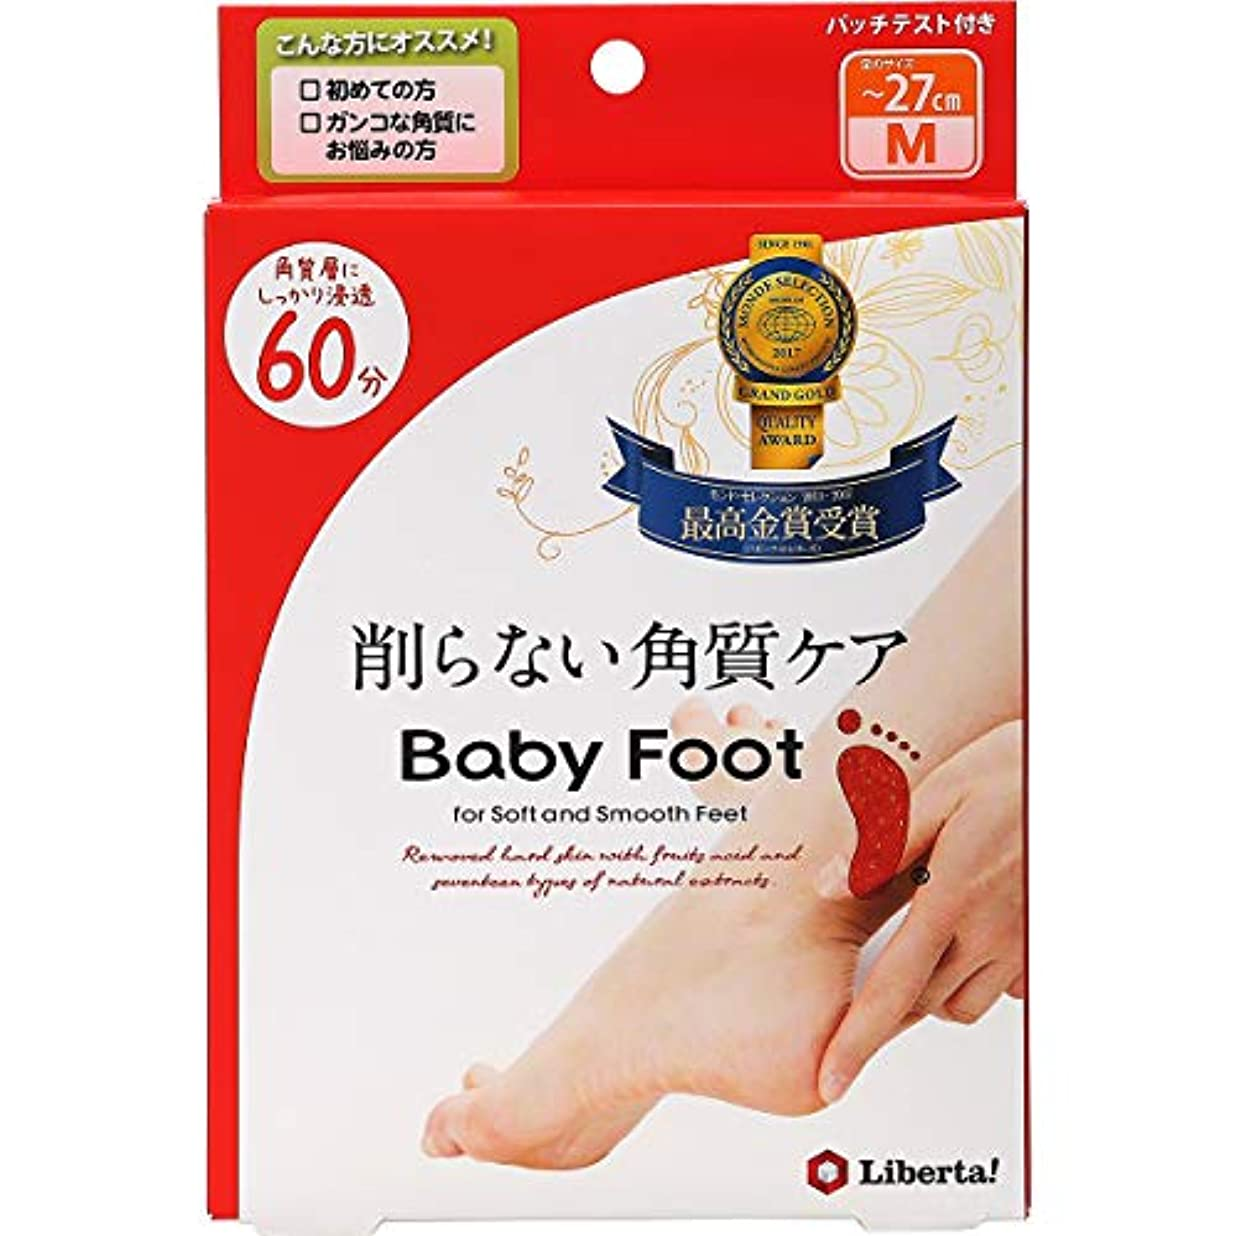 半円大声でベルベットベビーフット (Baby Foot) ベビーフット イージーパック SPT60分タイプ Mサイズ 単品